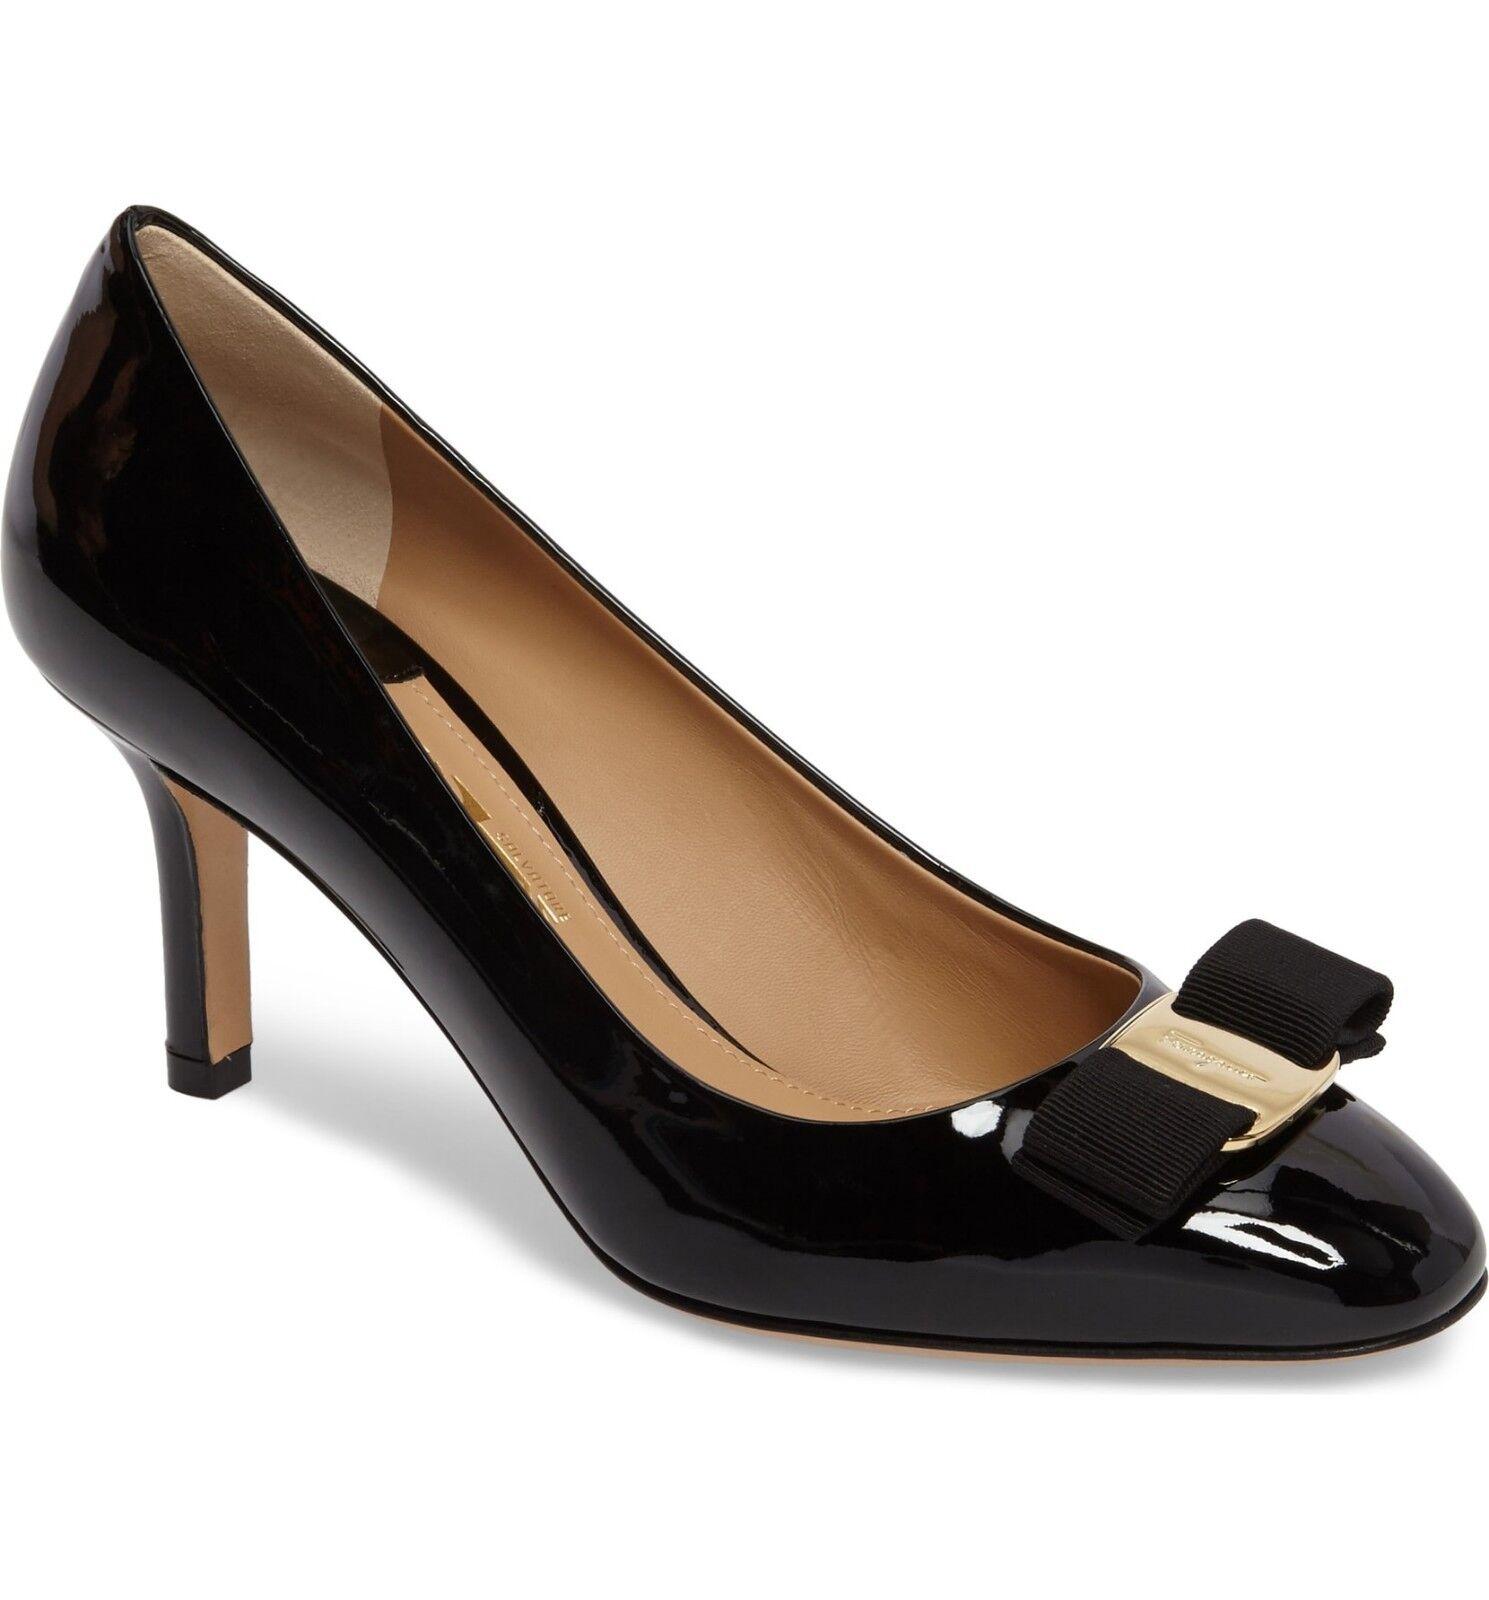 NIB NIB NIB NEW Salvatore Ferragamo Erice Patent bow pumps shoes black 7.5 8 9.5 B 1b53ef